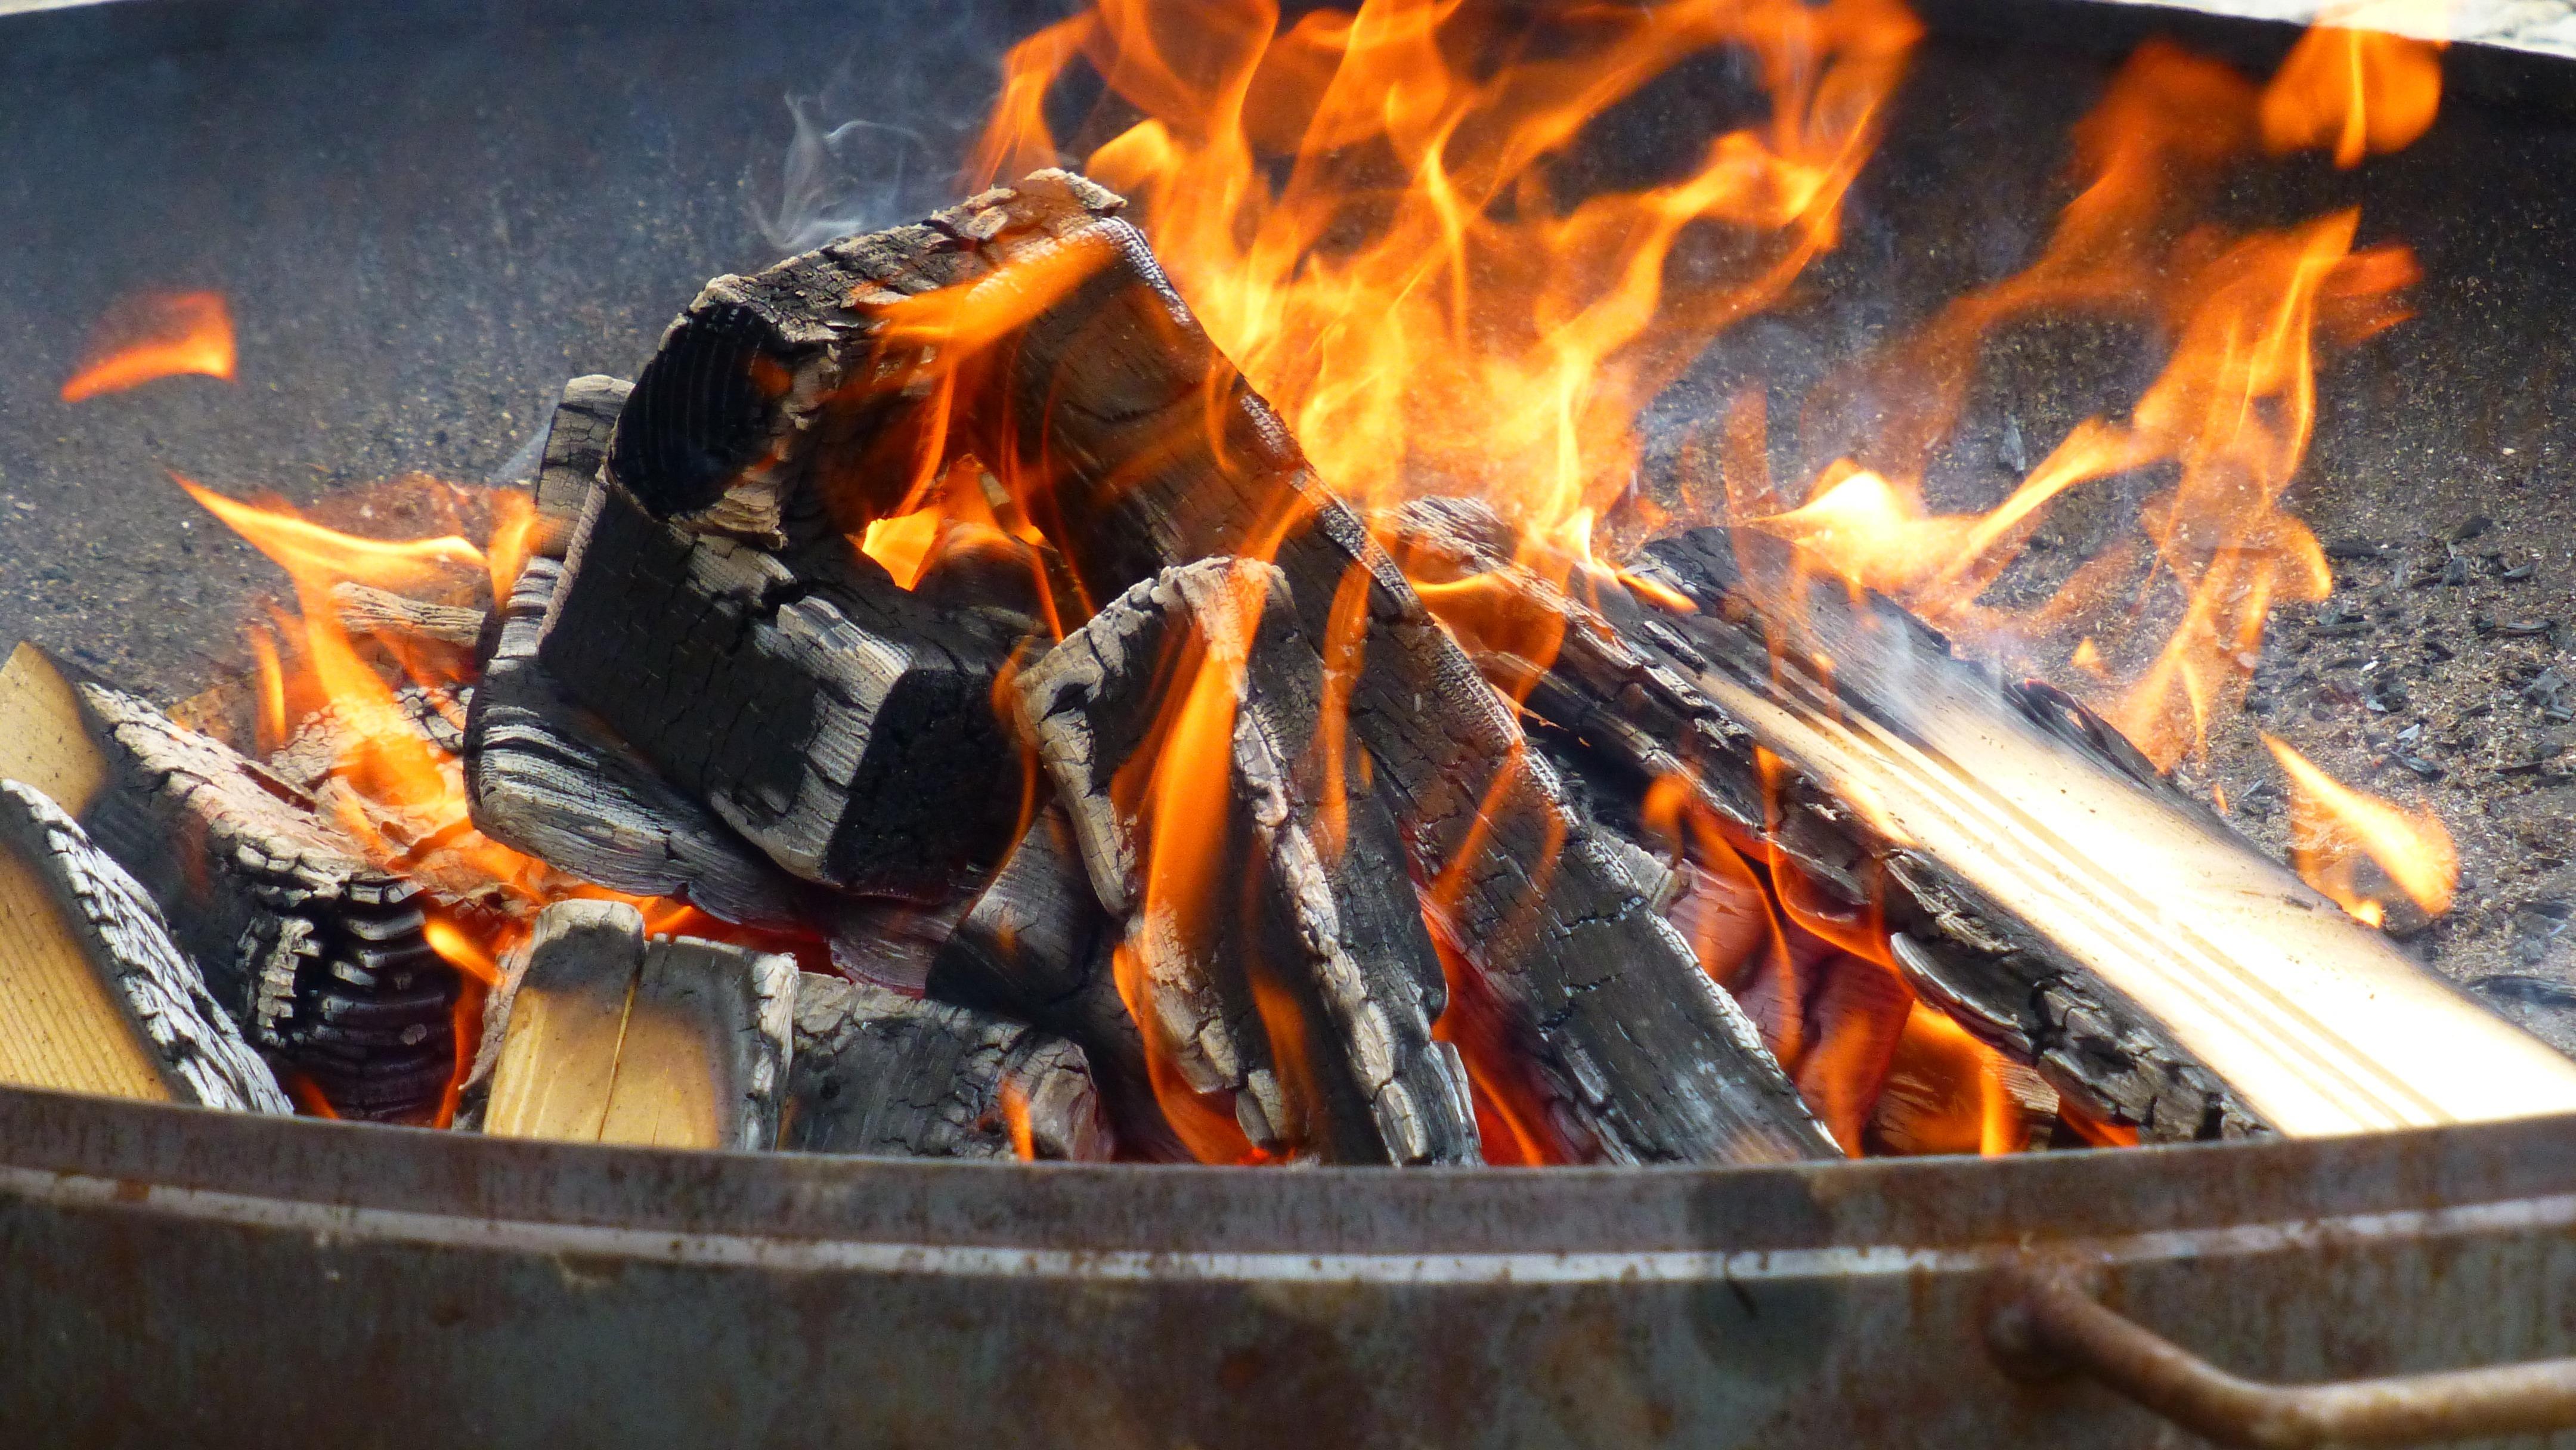 Картинка горение твердого топлива